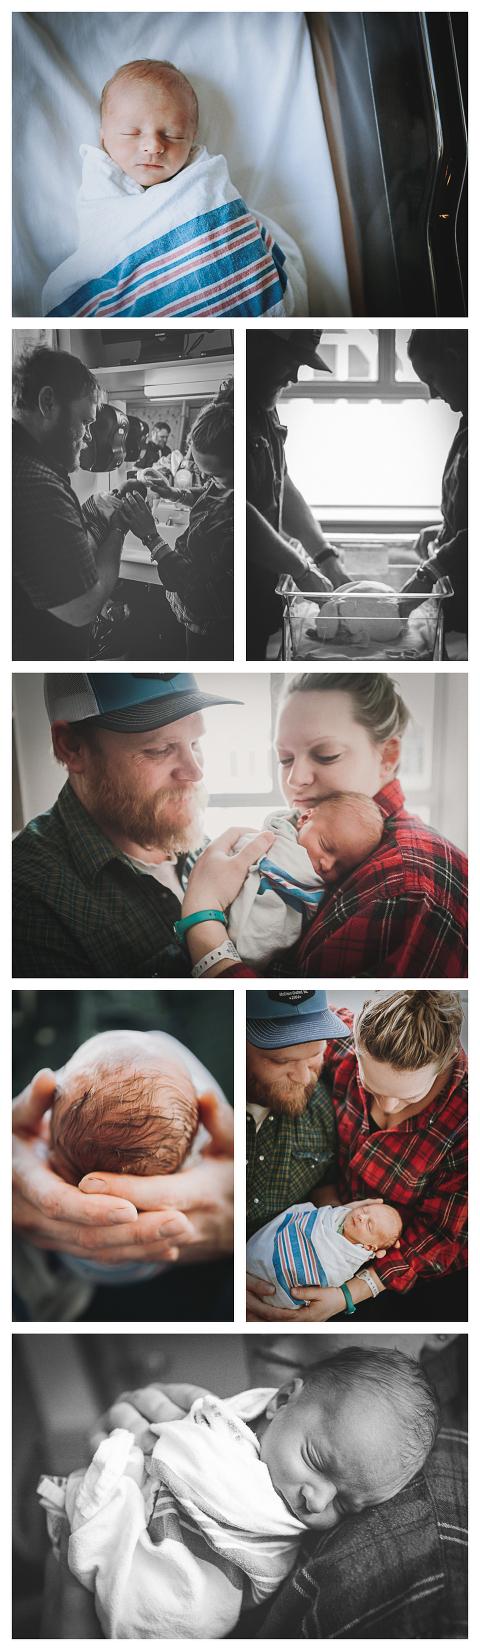 Baby Ripken-lifestyle newborn photography by Hailey Haberman in Ellensburg WA